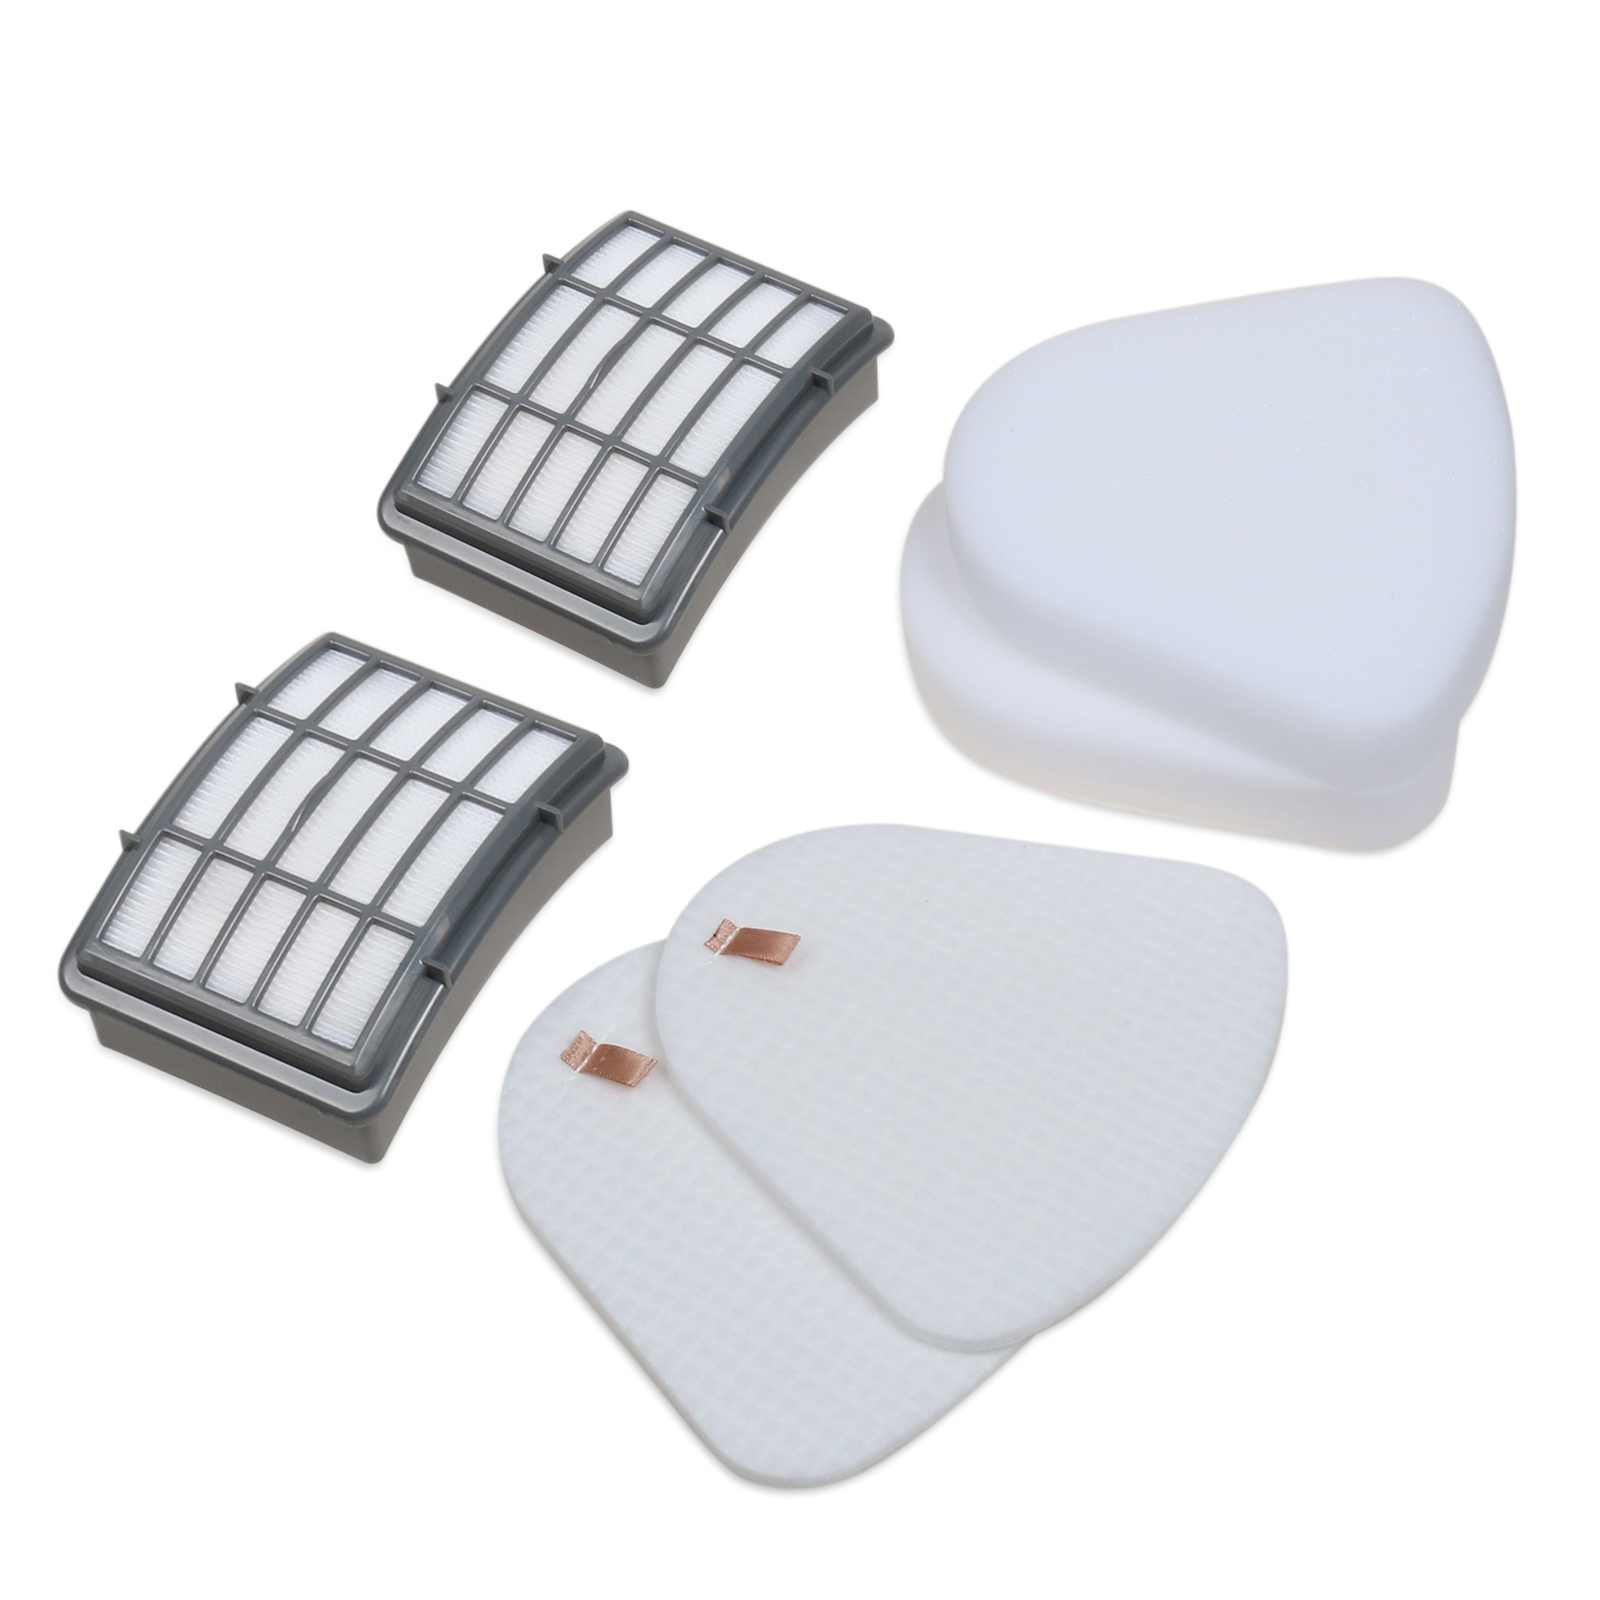 Замена фильтра hepa & войлочный фильтр & пенопласт комплект для акулы навигатор Лифт-от Nv350 Nv351 Nv352 Nv355 Nv357 Запчасти для пылесосов